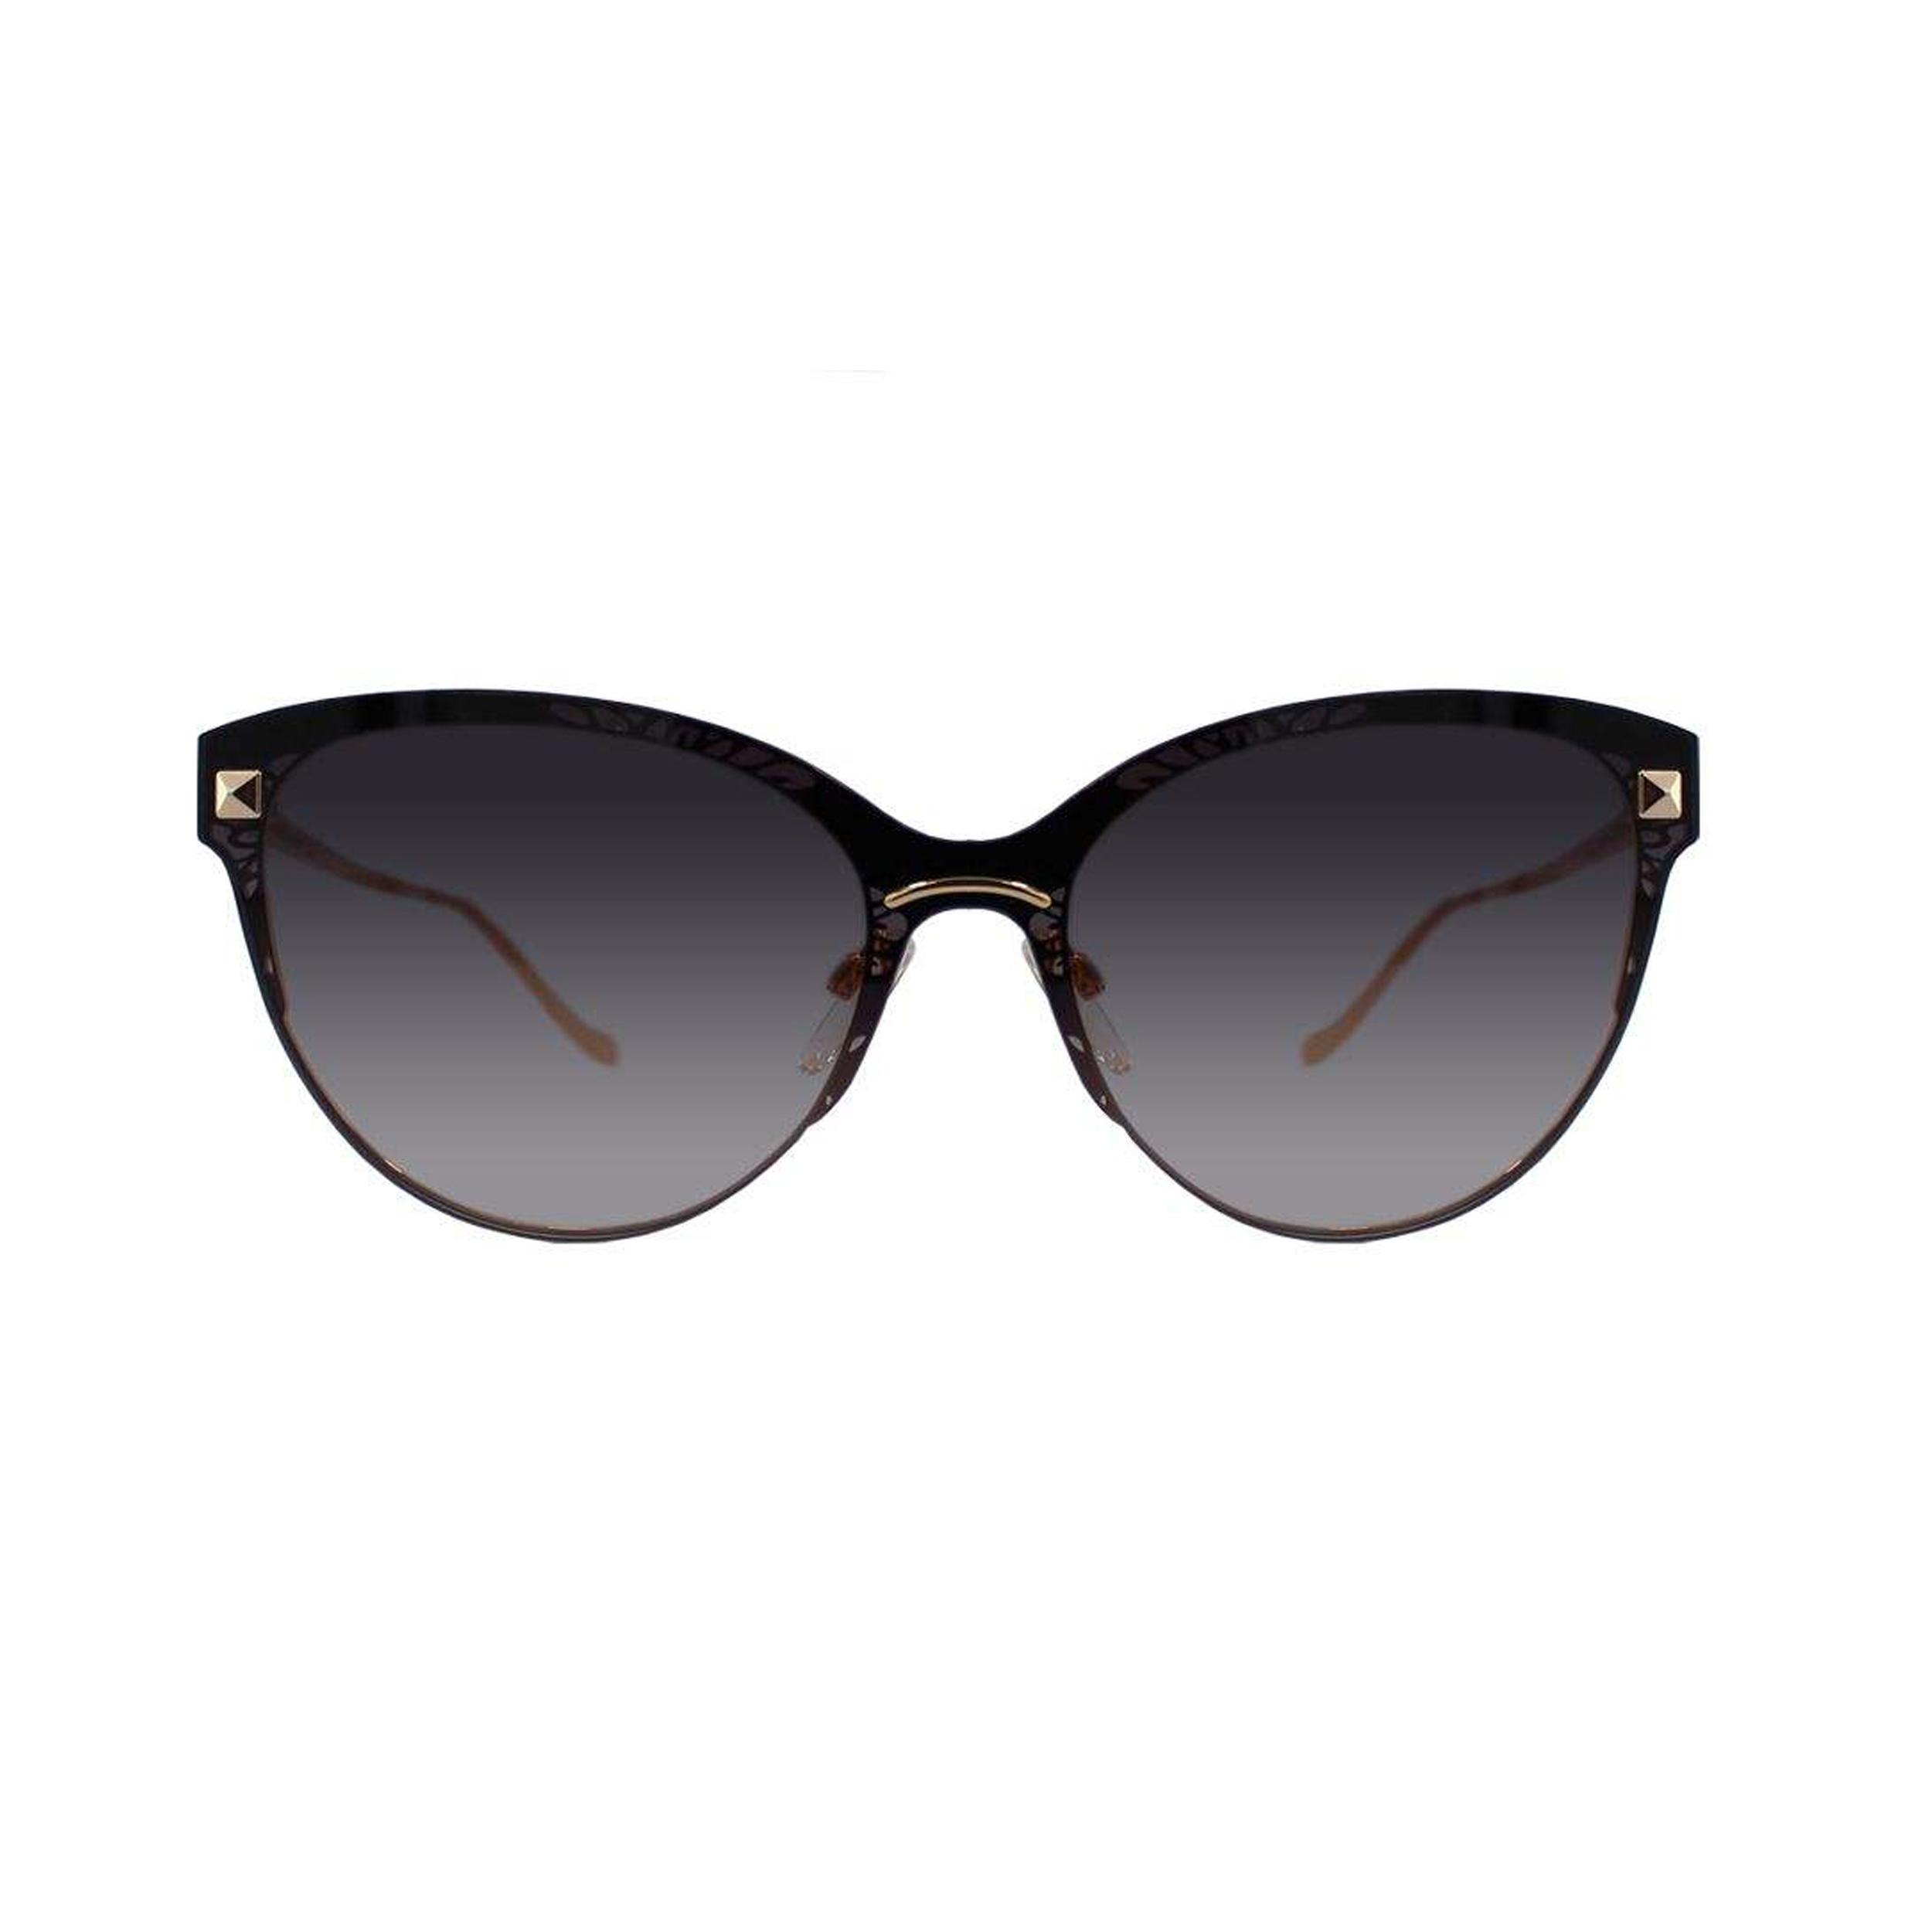 عینک آفتابی زنانه آناهیکمن مدل AH 3170